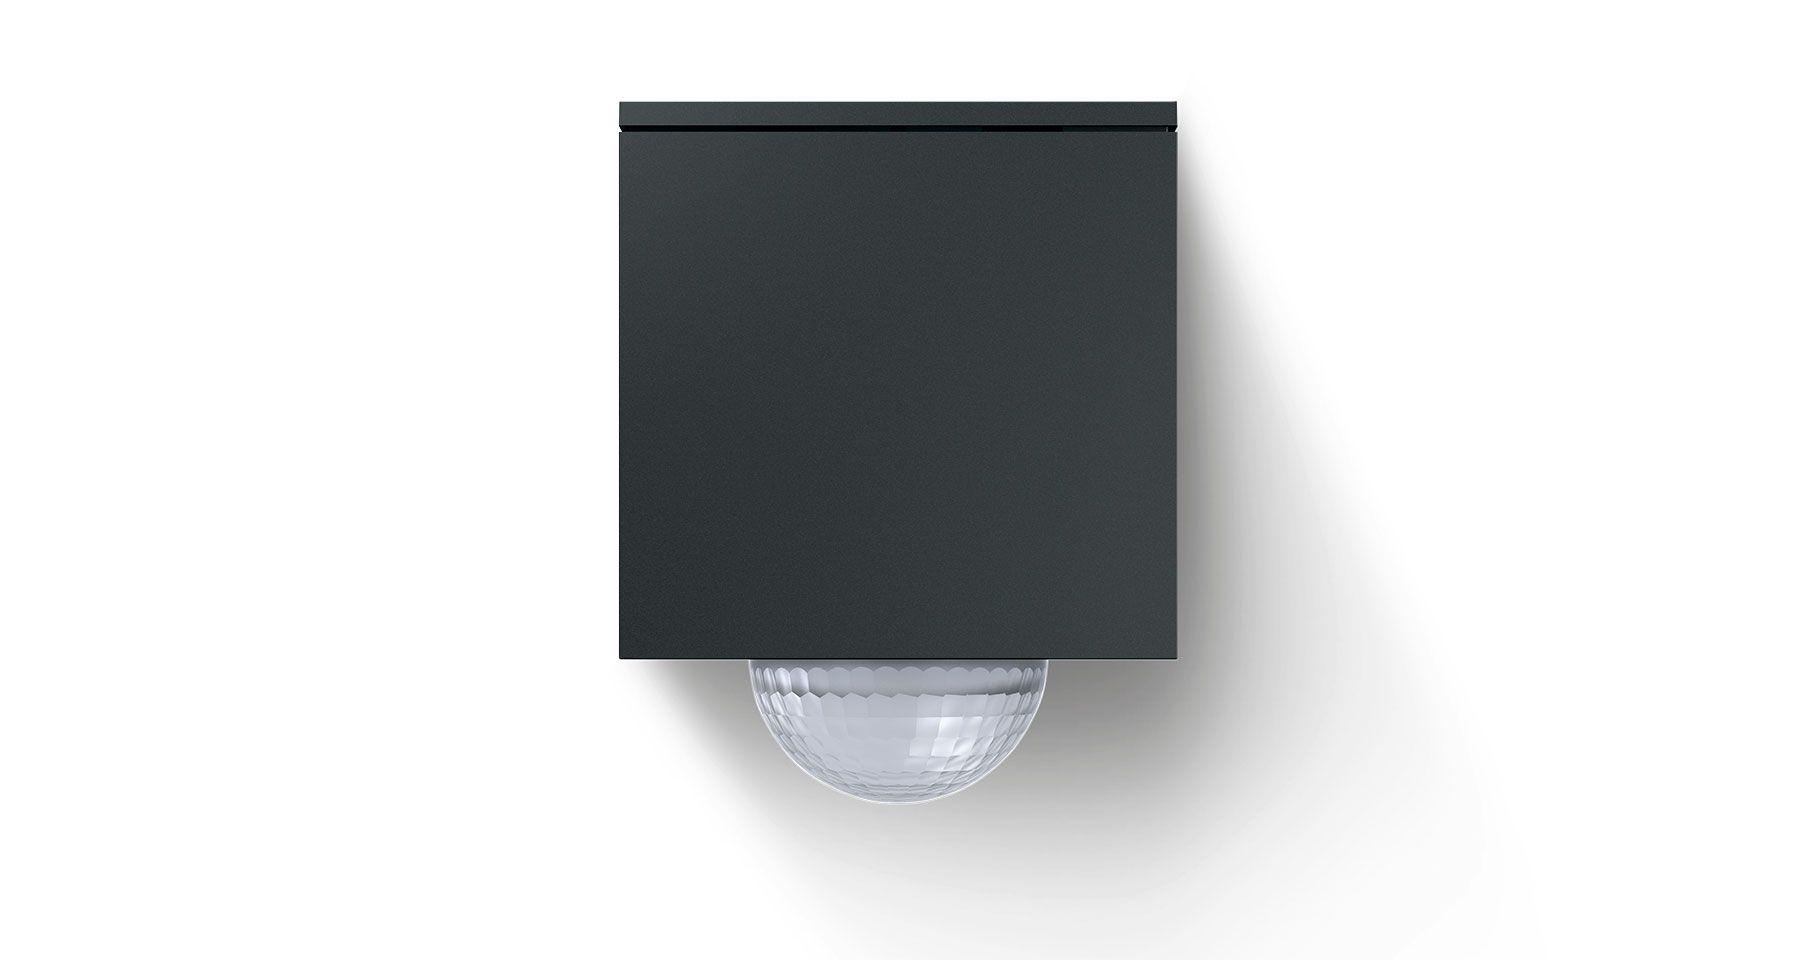 Gira Bewegungsmelder Cube 240